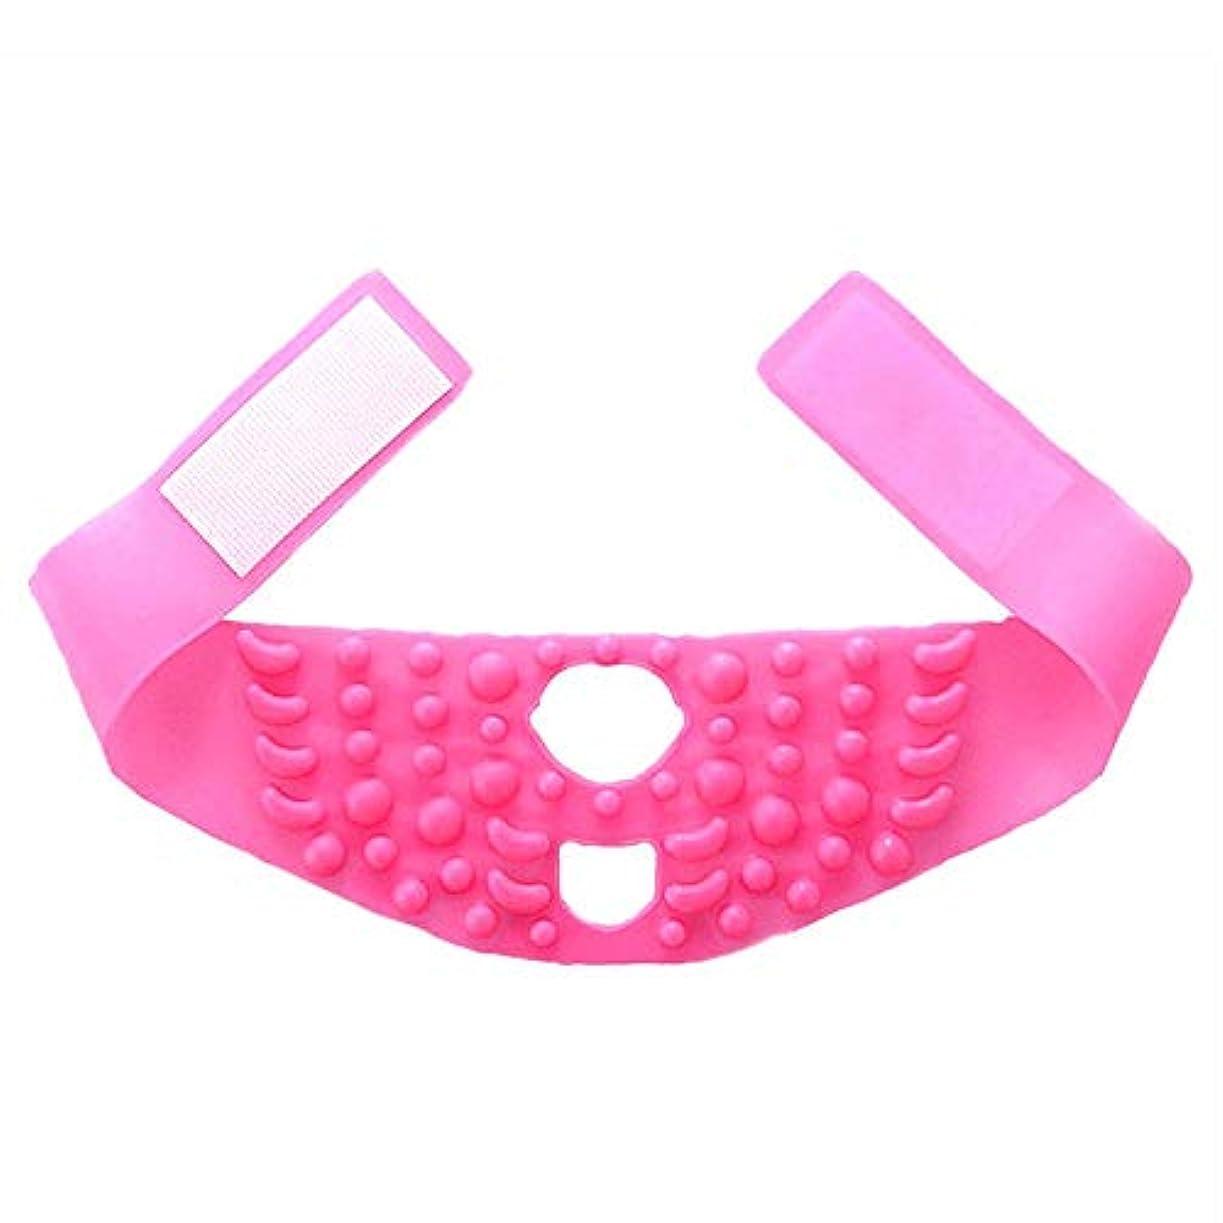 ただやる茎結核Minmin シンフェイスマスクシリコーンマッサージ引き締まった形の小さなVフェイスリフティングに薄いフェイスアーティファクト包帯を飾る - ピンク みんみんVラインフェイスマスク